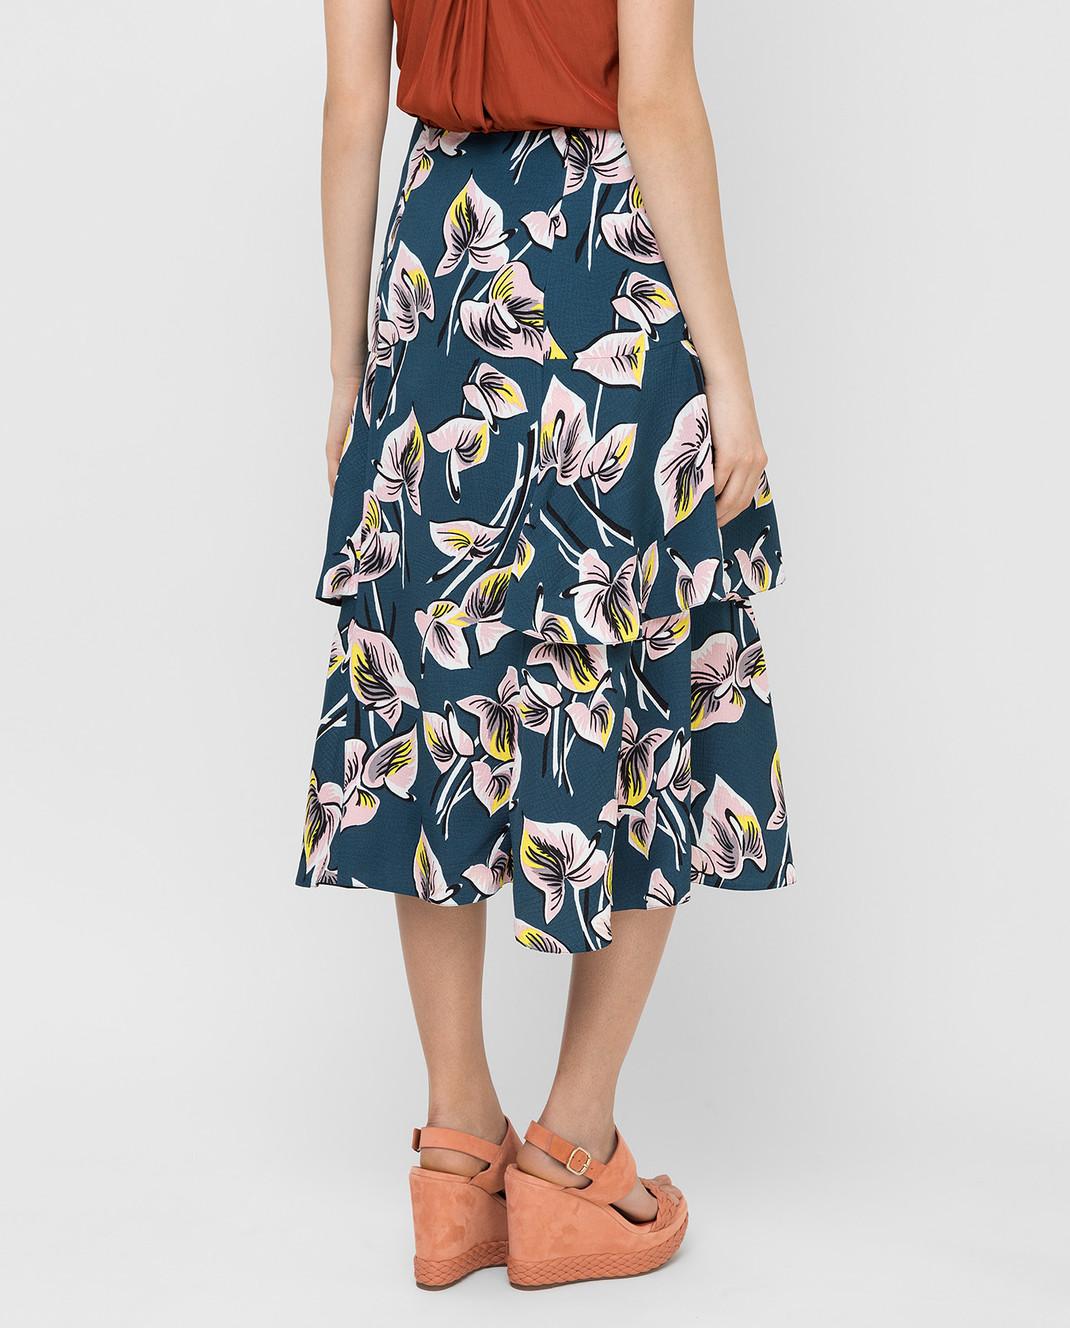 Marni Темно-бирюзовая юбка GOMAT39U00TV456 изображение 4